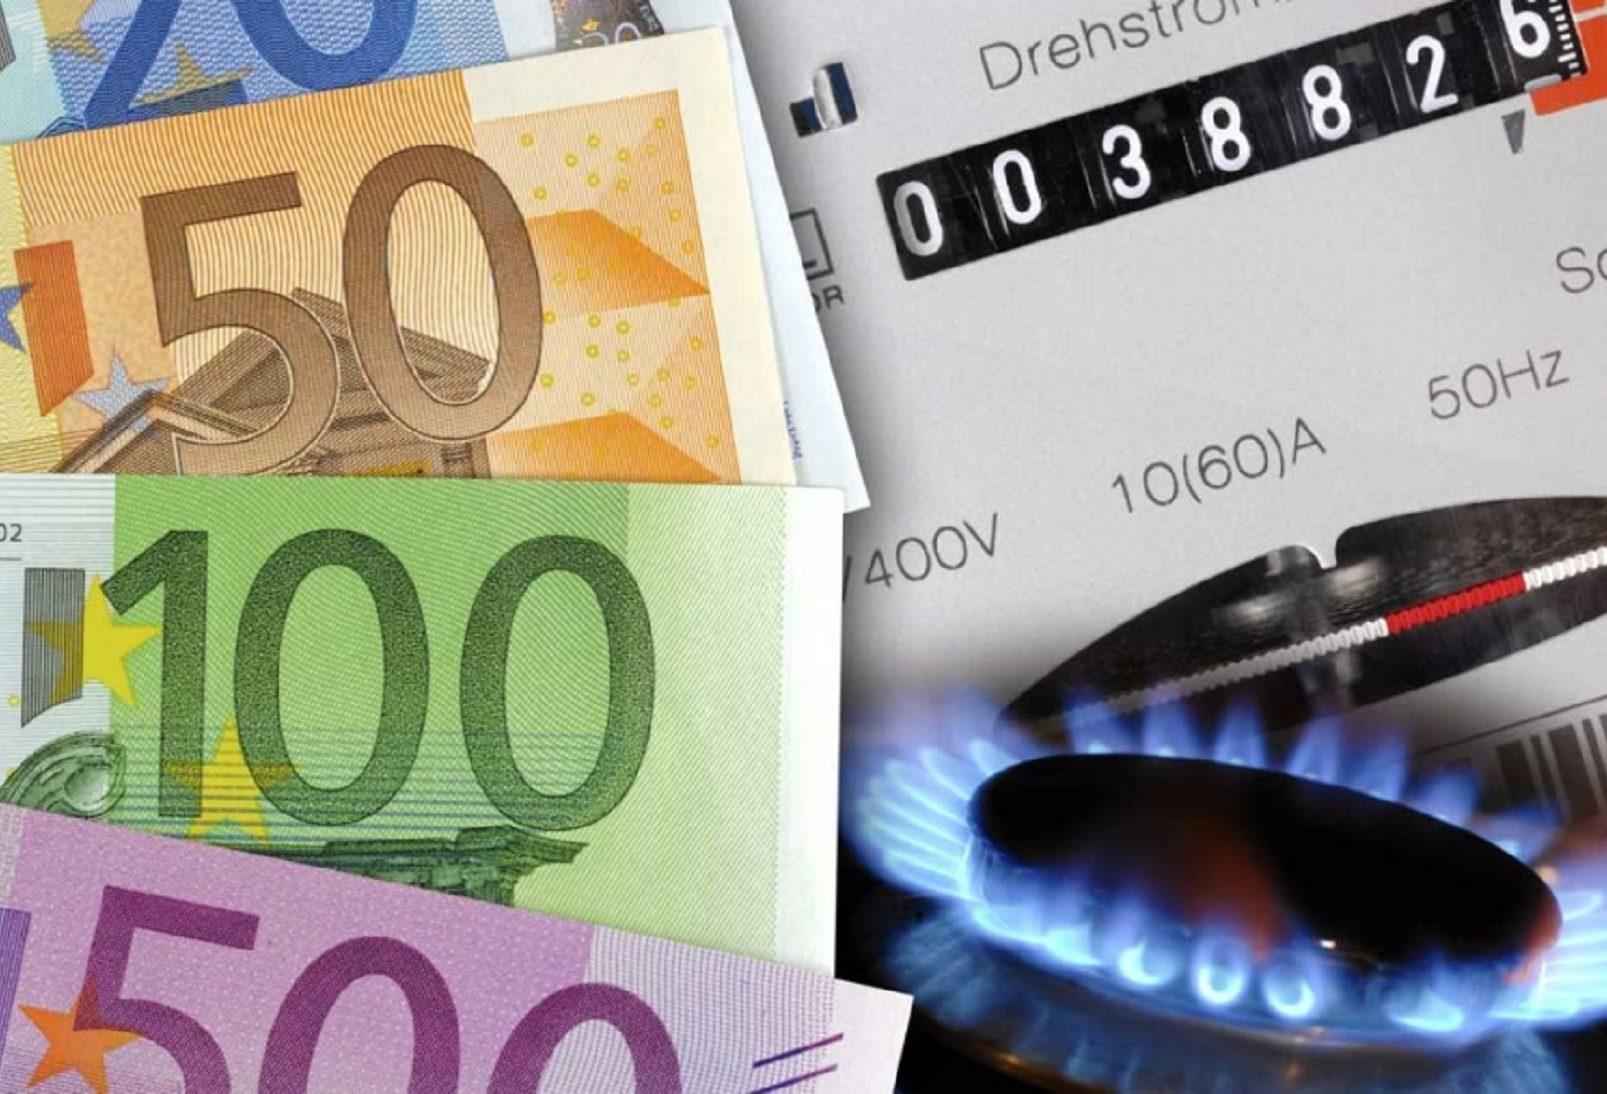 Acqua, luce, gas: bonus automatici per oltre 2,6 milioni di famiglie in disagio economico, ottenendo l'ISEE